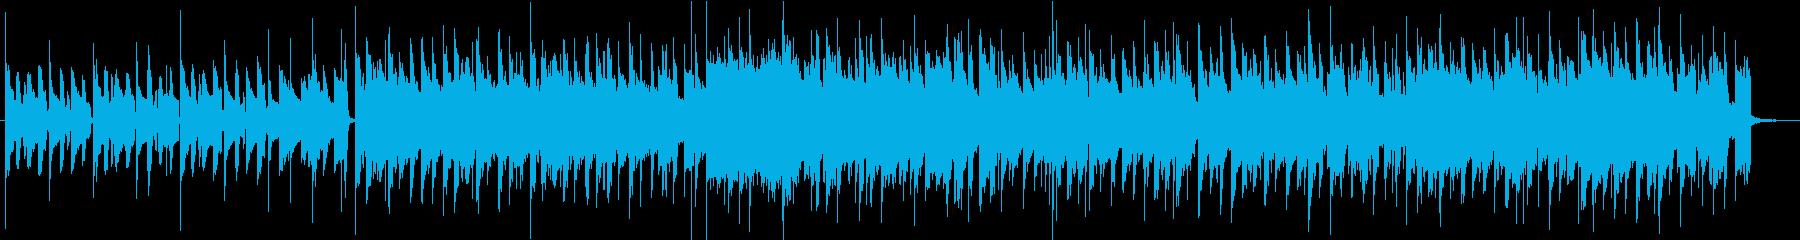 陽気でシンプル 日常系アニメにオススメの再生済みの波形